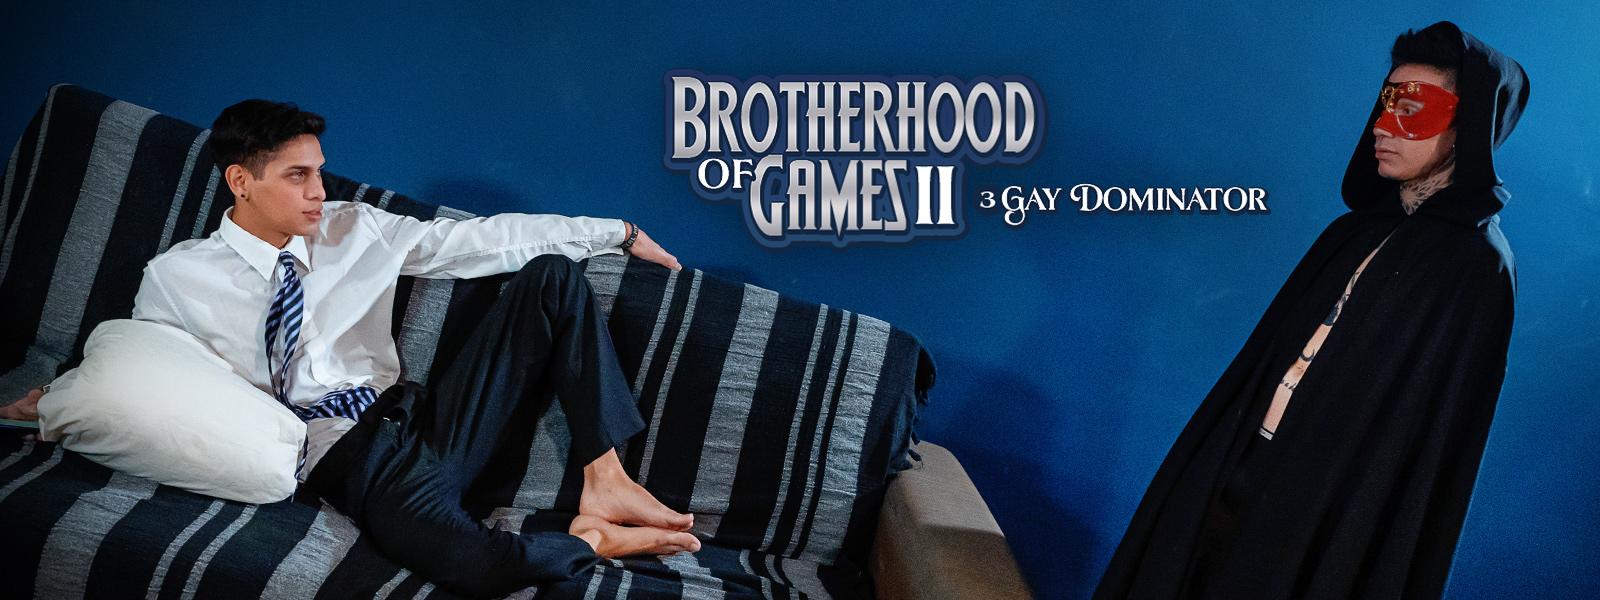 Brotherhood of Games II | Part Three: Gay Dominator